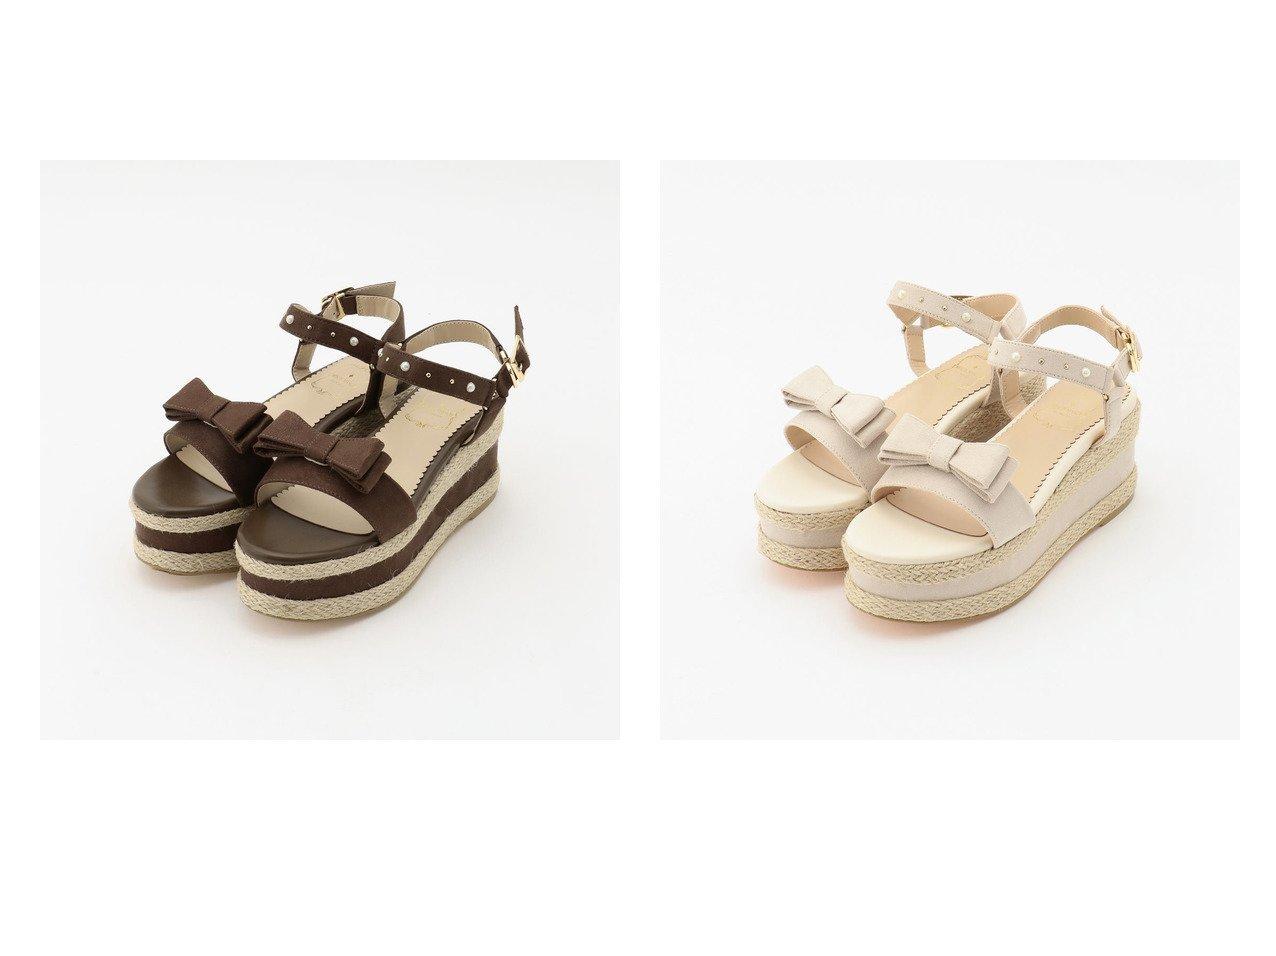 【MISCH MASCH/ミッシュマッシュ】のパールスタッズウェッジサンダル 【シューズ・靴】おすすめ!人気、トレンド・レディースファッションの通販 おすすめで人気の流行・トレンド、ファッションの通販商品 インテリア・家具・メンズファッション・キッズファッション・レディースファッション・服の通販 founy(ファニー) https://founy.com/ ファッション Fashion レディースファッション WOMEN 2021年 2021 2021春夏・S/S SS/Spring/Summer/2021 S/S・春夏 SS・Spring/Summer フェミニン 夏 Summer 春 Spring |ID:crp329100000048167